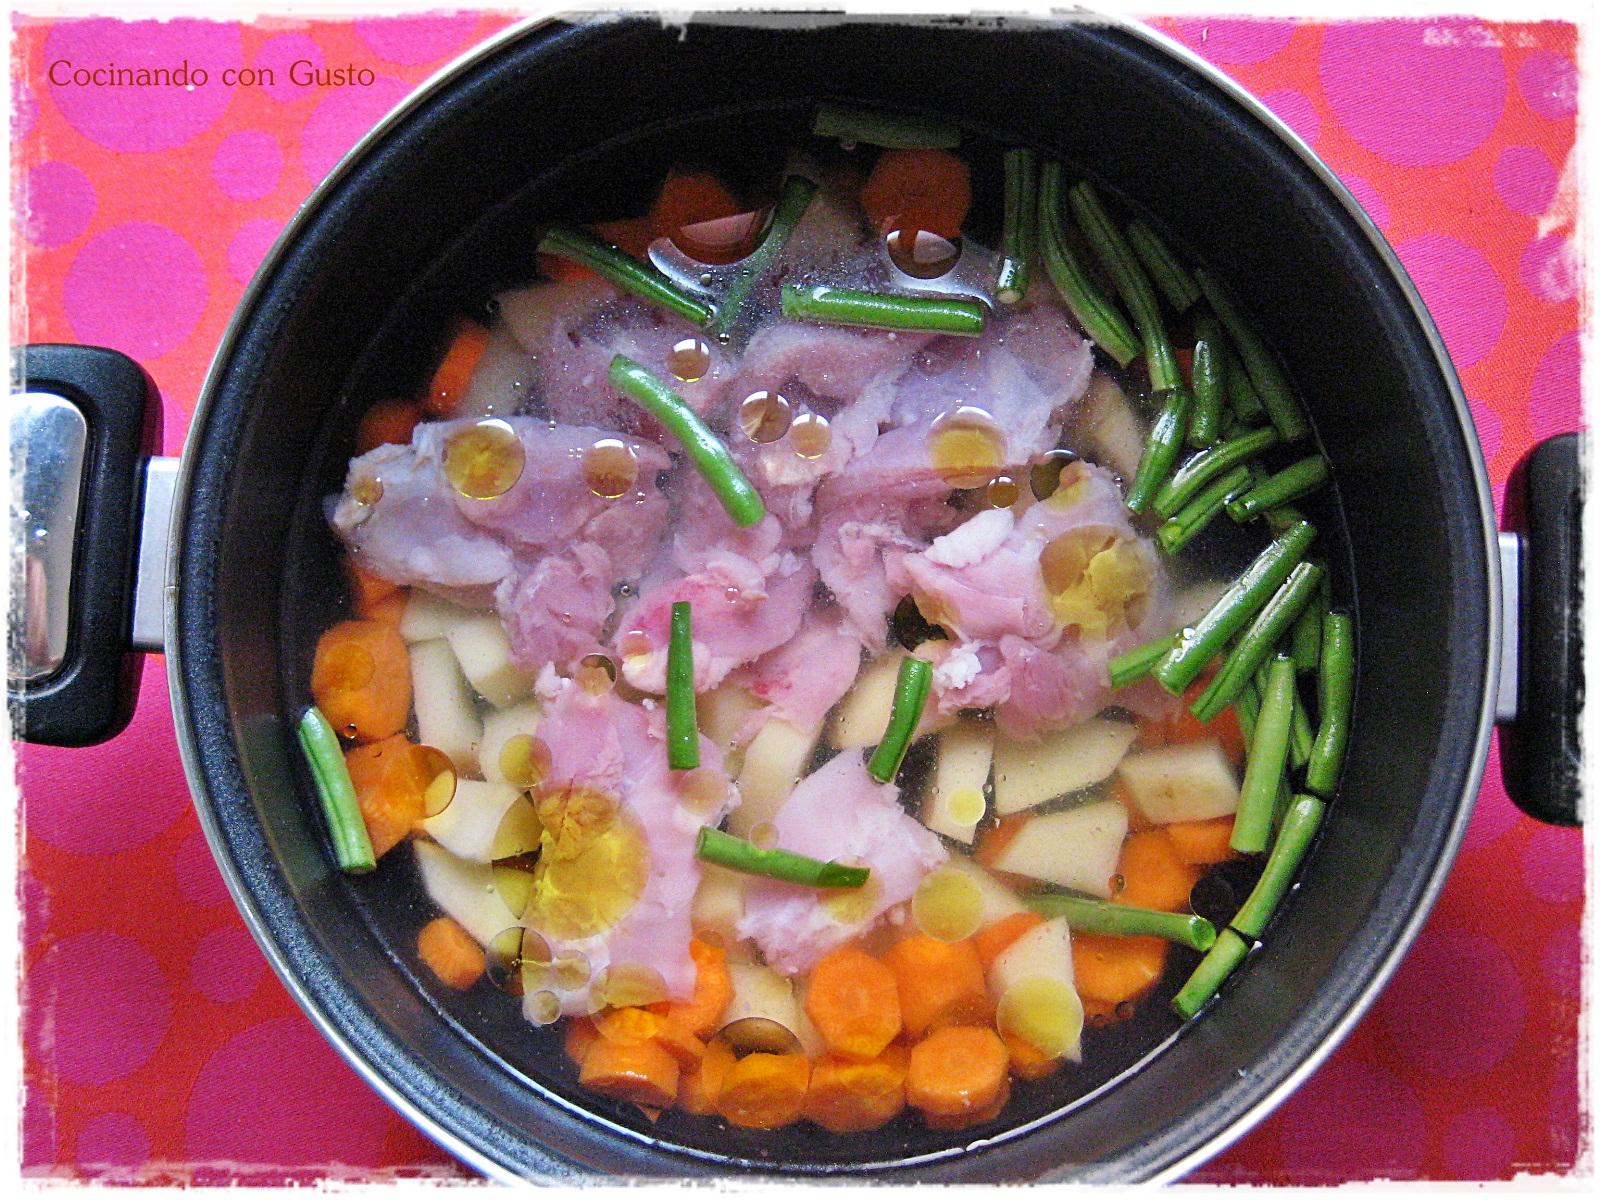 Cocinando con gusto papilla de pollo para beb s de 6 meses - Papillas para bebes de 6 meses ...